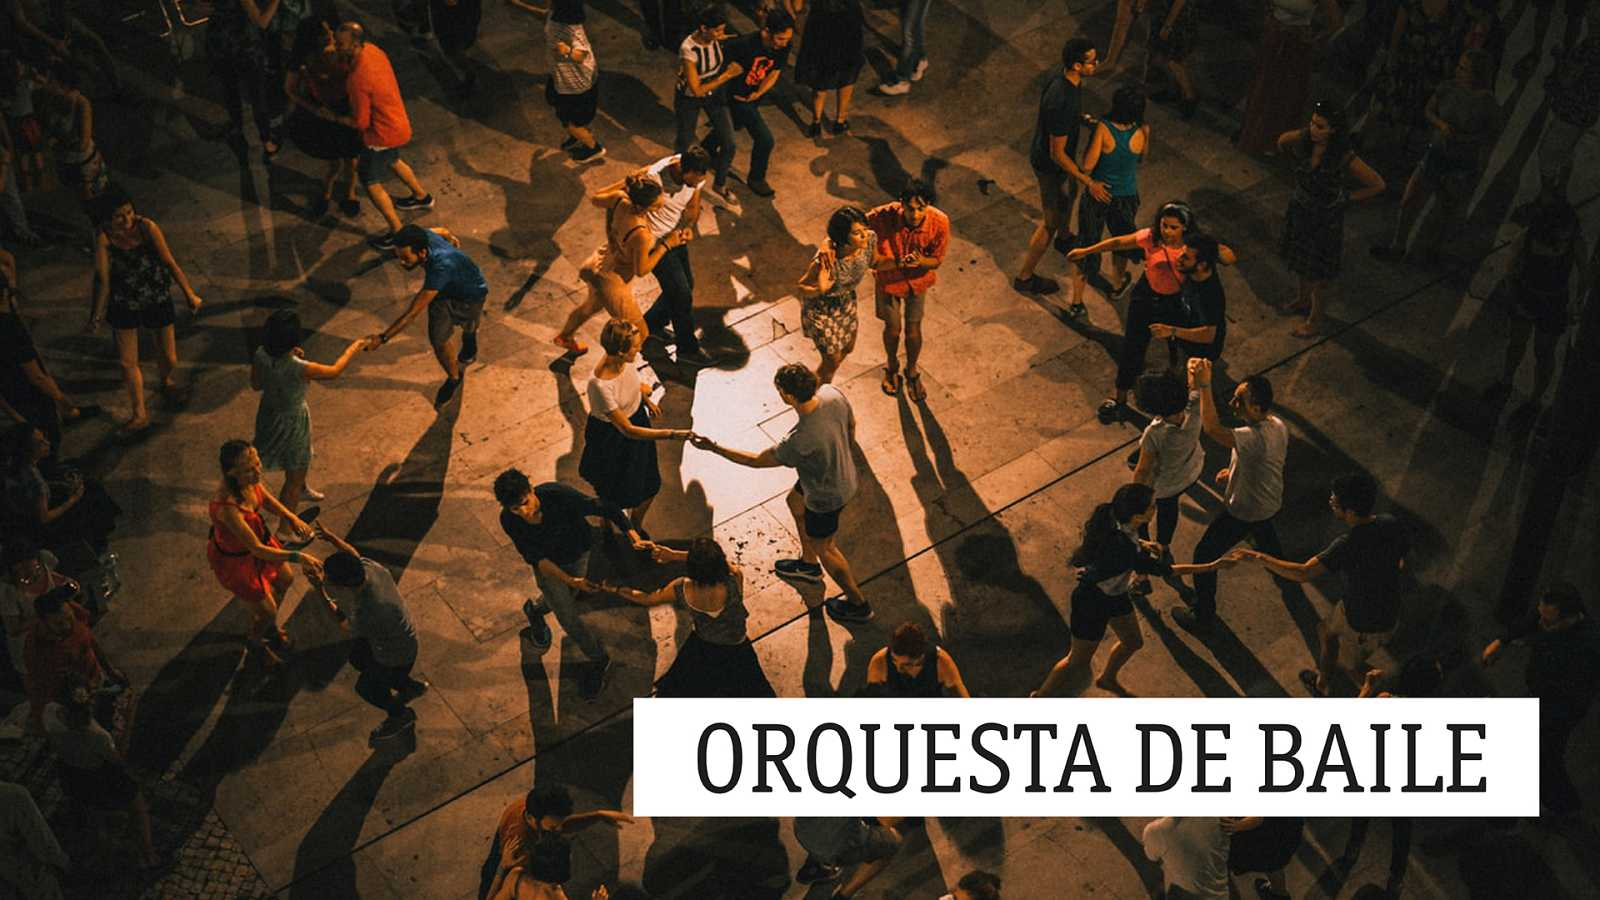 Orquesta de baile - Louis Clark. The Royal Philharmonic Orchestra plays The Queen Collection 1982 - 08/04/21 - escuchar ahora